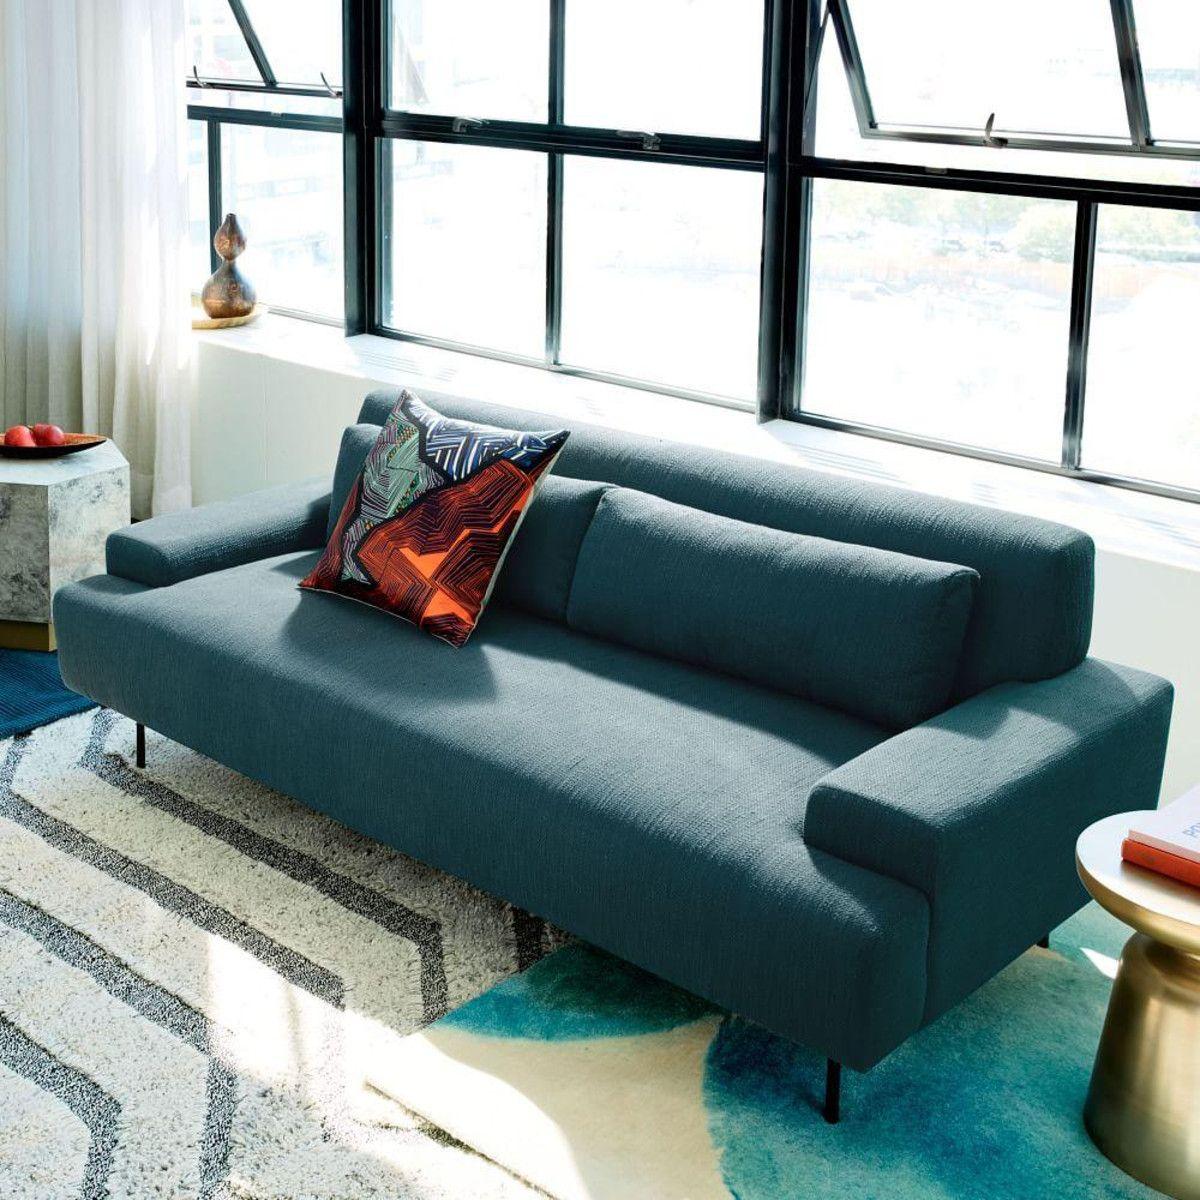 Beckham Sofa (194 cm) west elm UK Sofa, Sofa sale